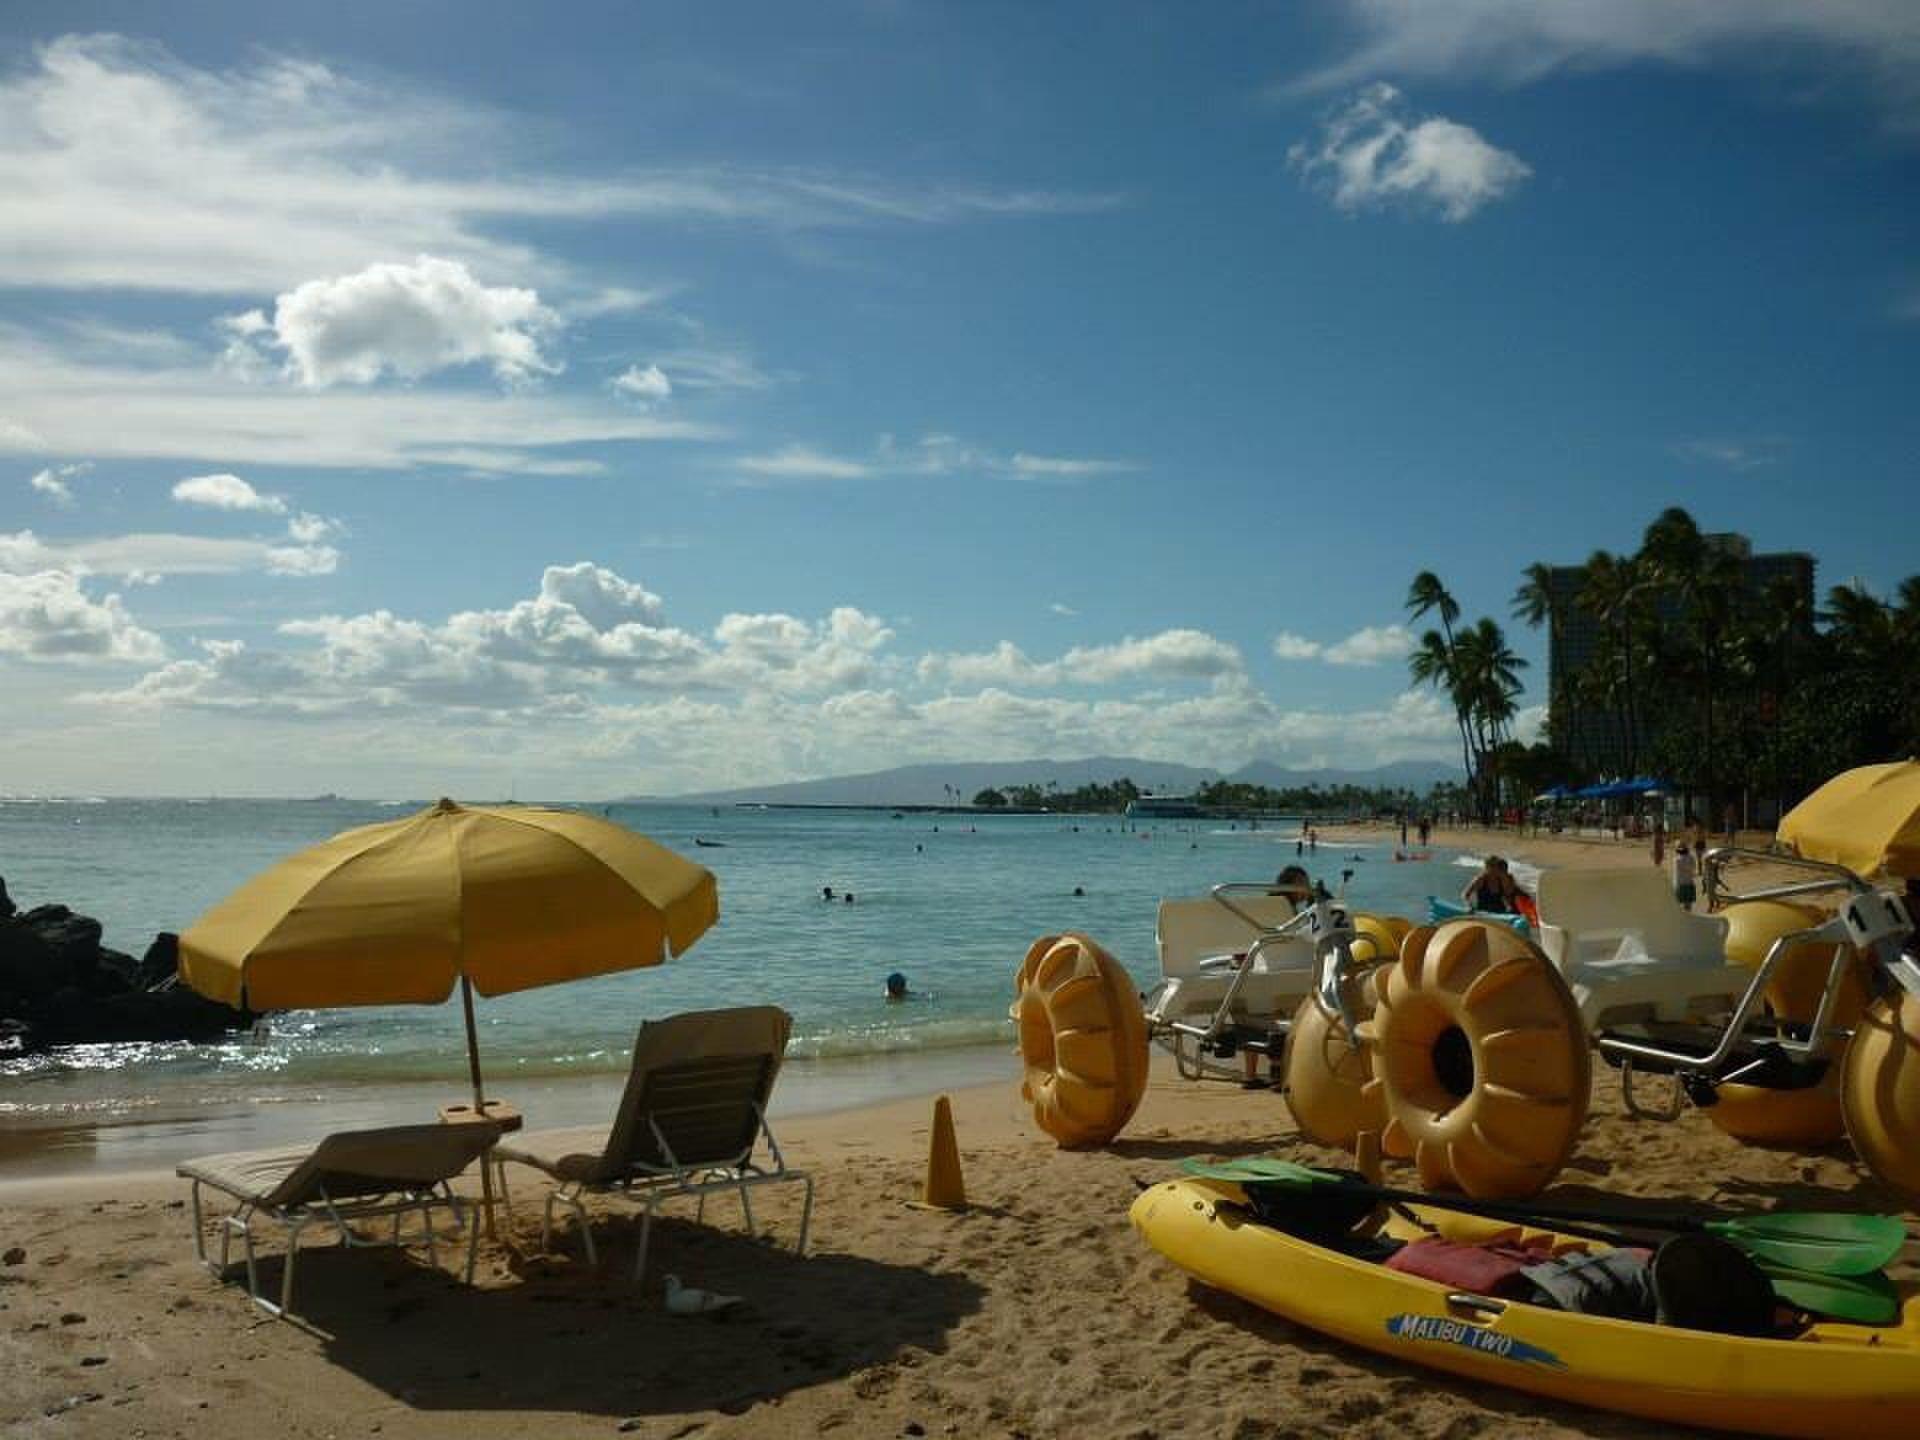 年末年始の旅行は南国でしょ!ハワイ初心者必見!芸能人にも大人気なハワイ観光特集♪